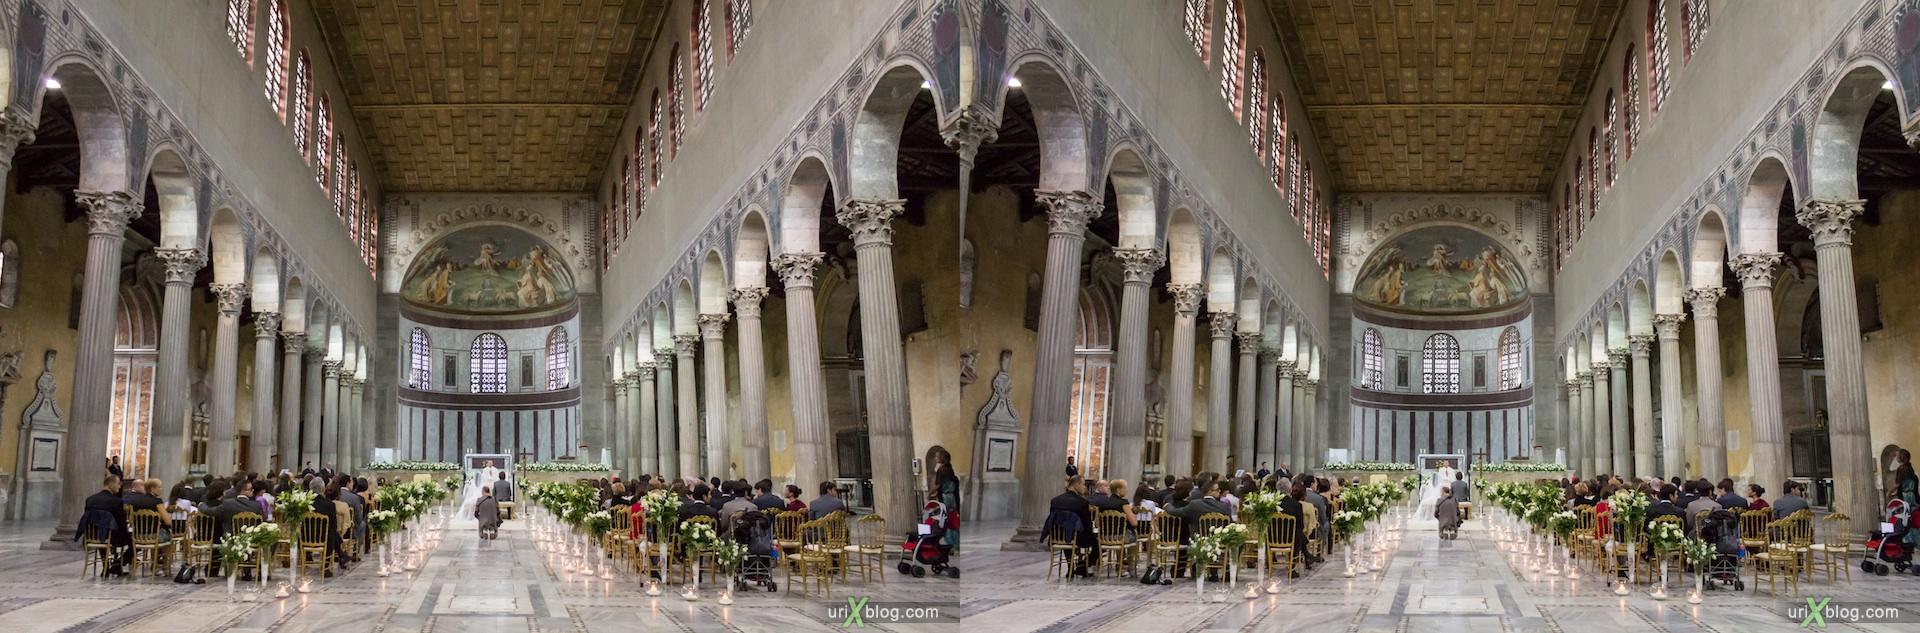 2012, свадьба, церковь Санта Сабина, собор, христианство, католичество, Рим, Италия, осень, 3D, перекрёстные стереопары, стерео, стереопара, стереопары